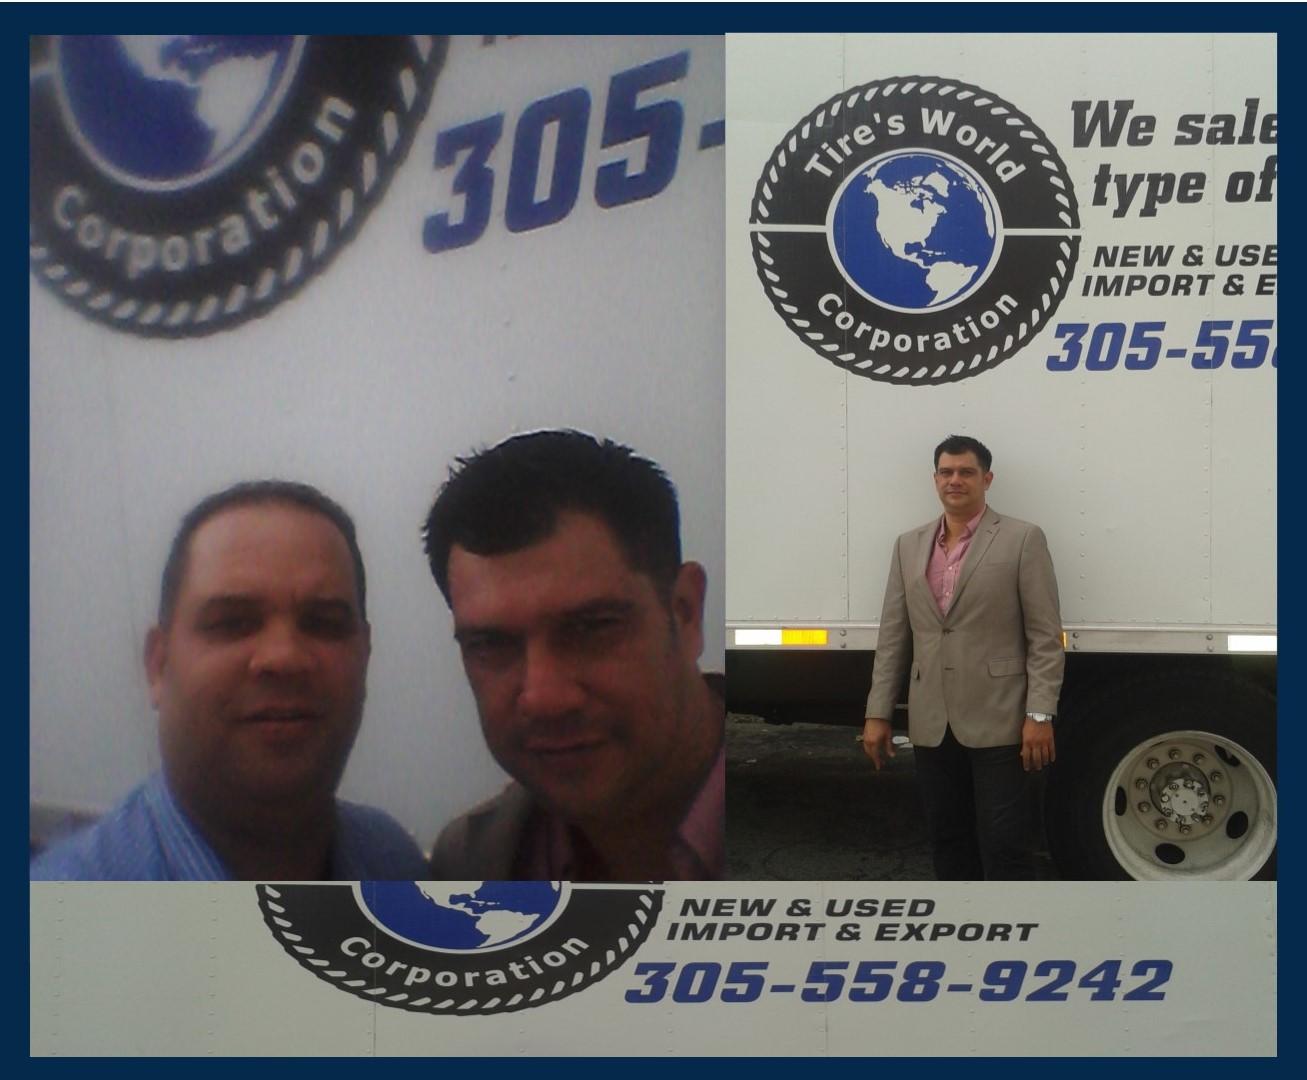 Negocios Hispanos con Exito: Cómo Tires World Corporation ha construido un negocio exitoso